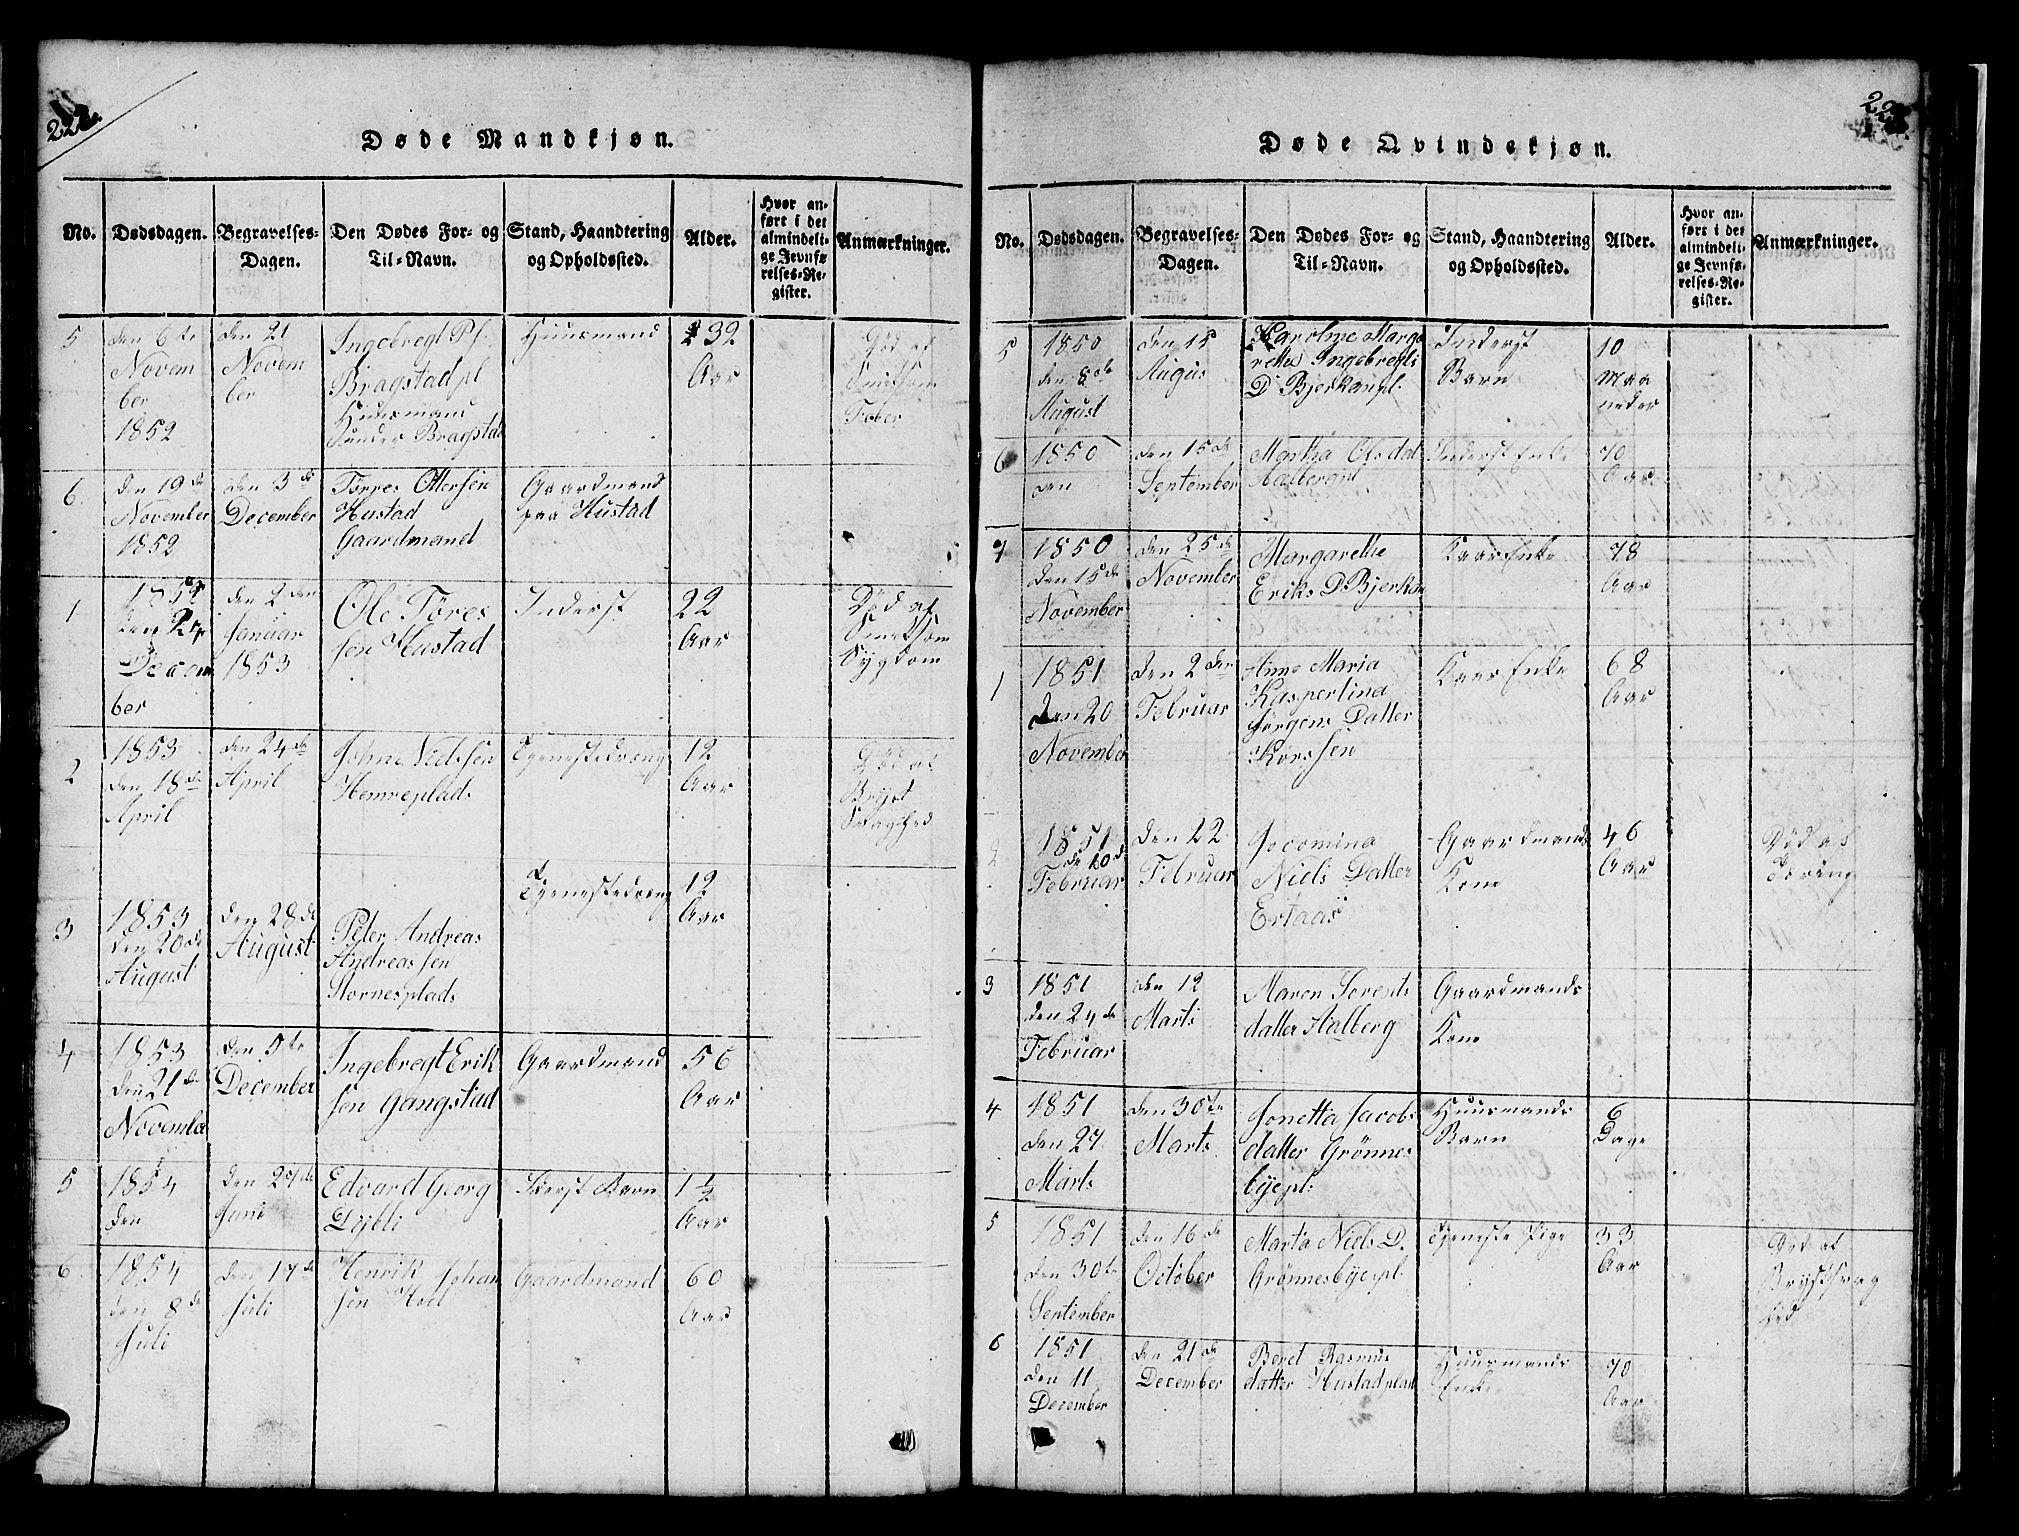 SAT, Ministerialprotokoller, klokkerbøker og fødselsregistre - Nord-Trøndelag, 732/L0317: Klokkerbok nr. 732C01, 1816-1881, s. 222-223